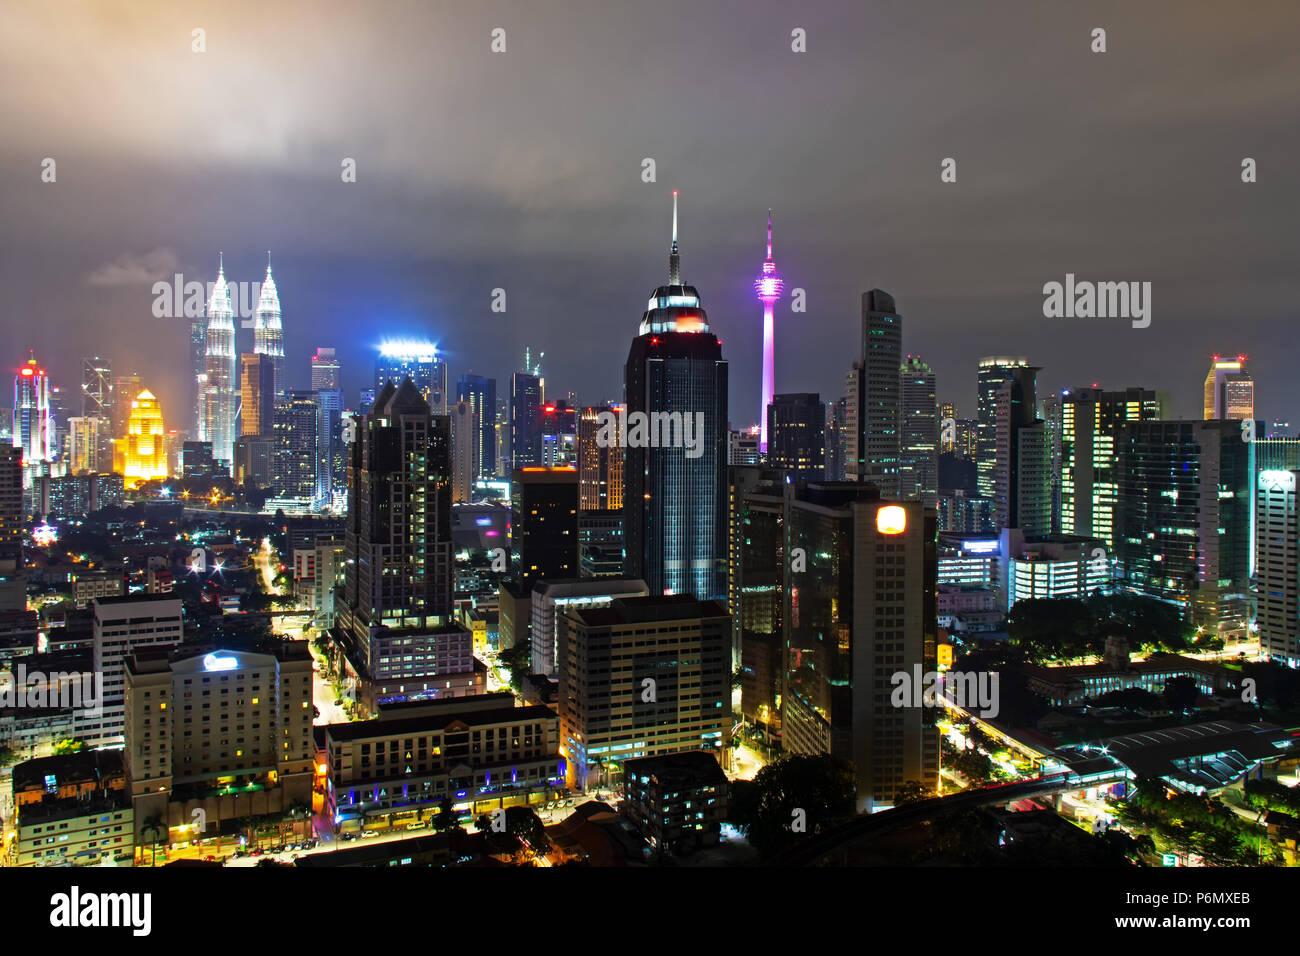 Vista notturna dello skyline di Kuala Lumpur, la capitale della Malesia. Immagini Stock